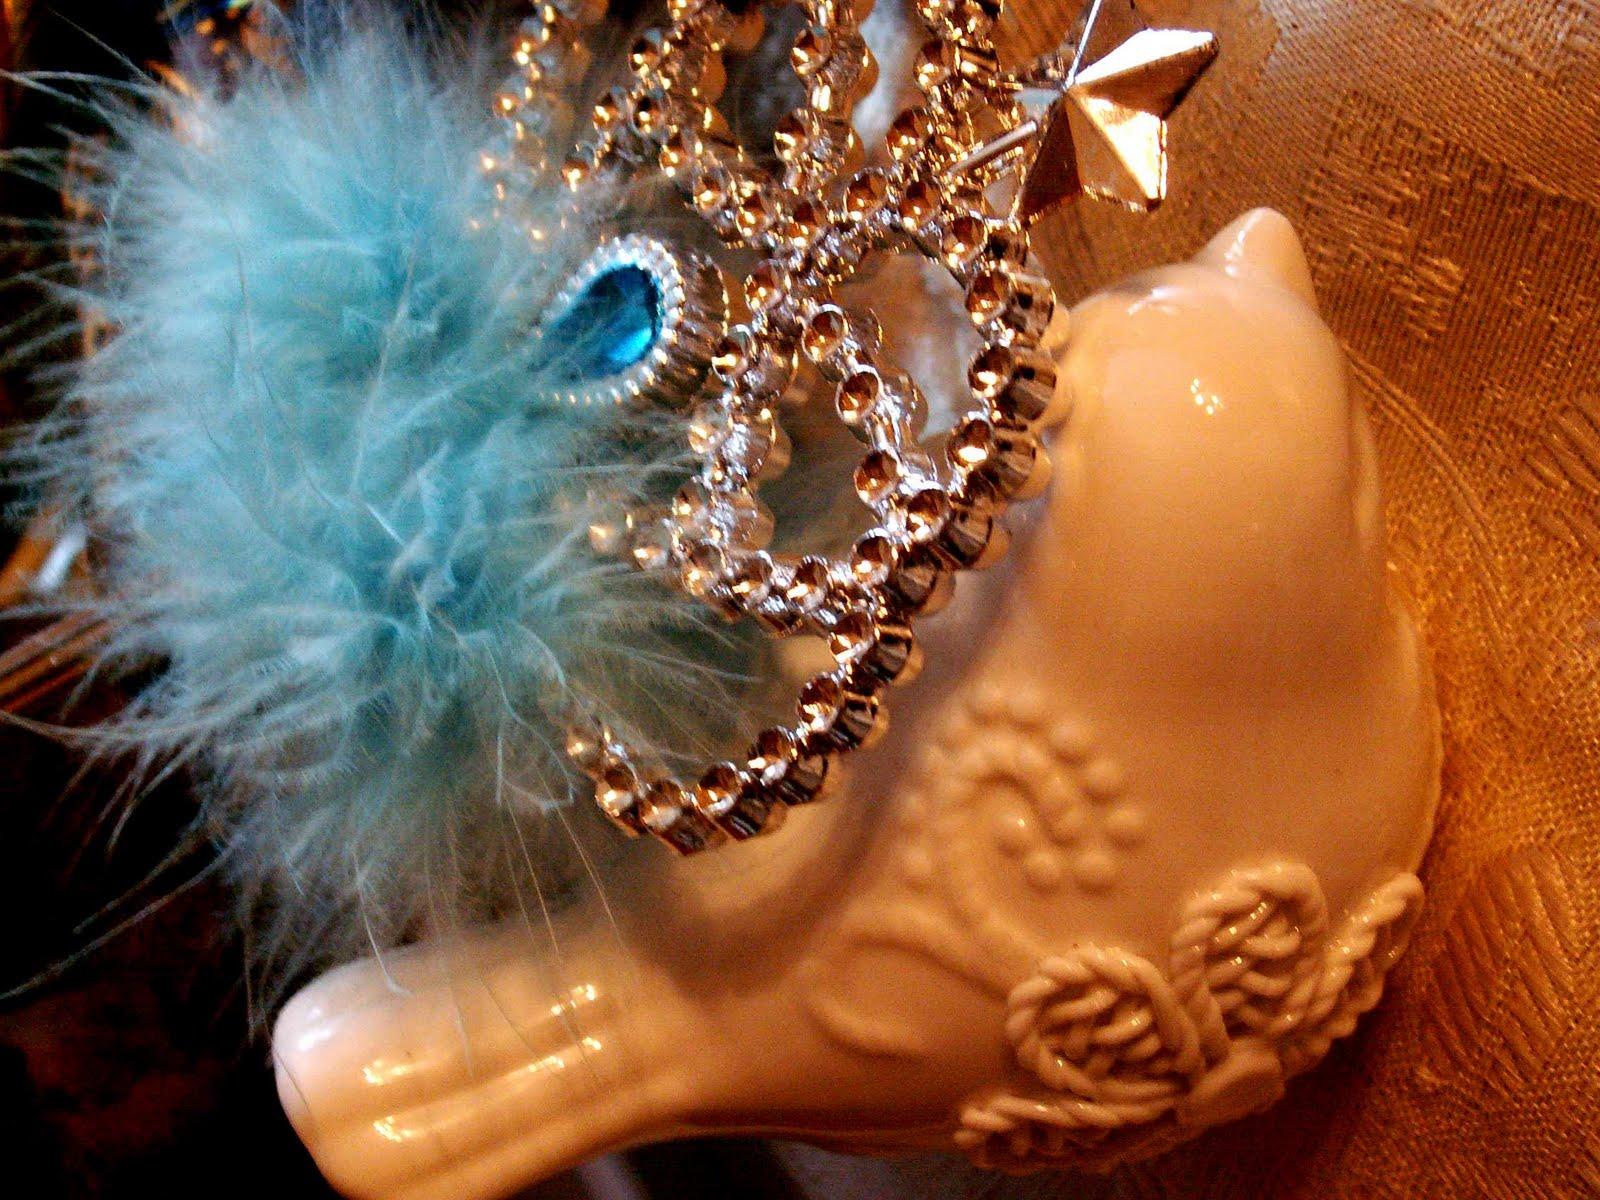 http://3.bp.blogspot.com/_zb08QzT-WVI/TCoGqKeK6fI/AAAAAAAAIYI/RkbbAUcjPvw/s1600/Picture+081.jpg